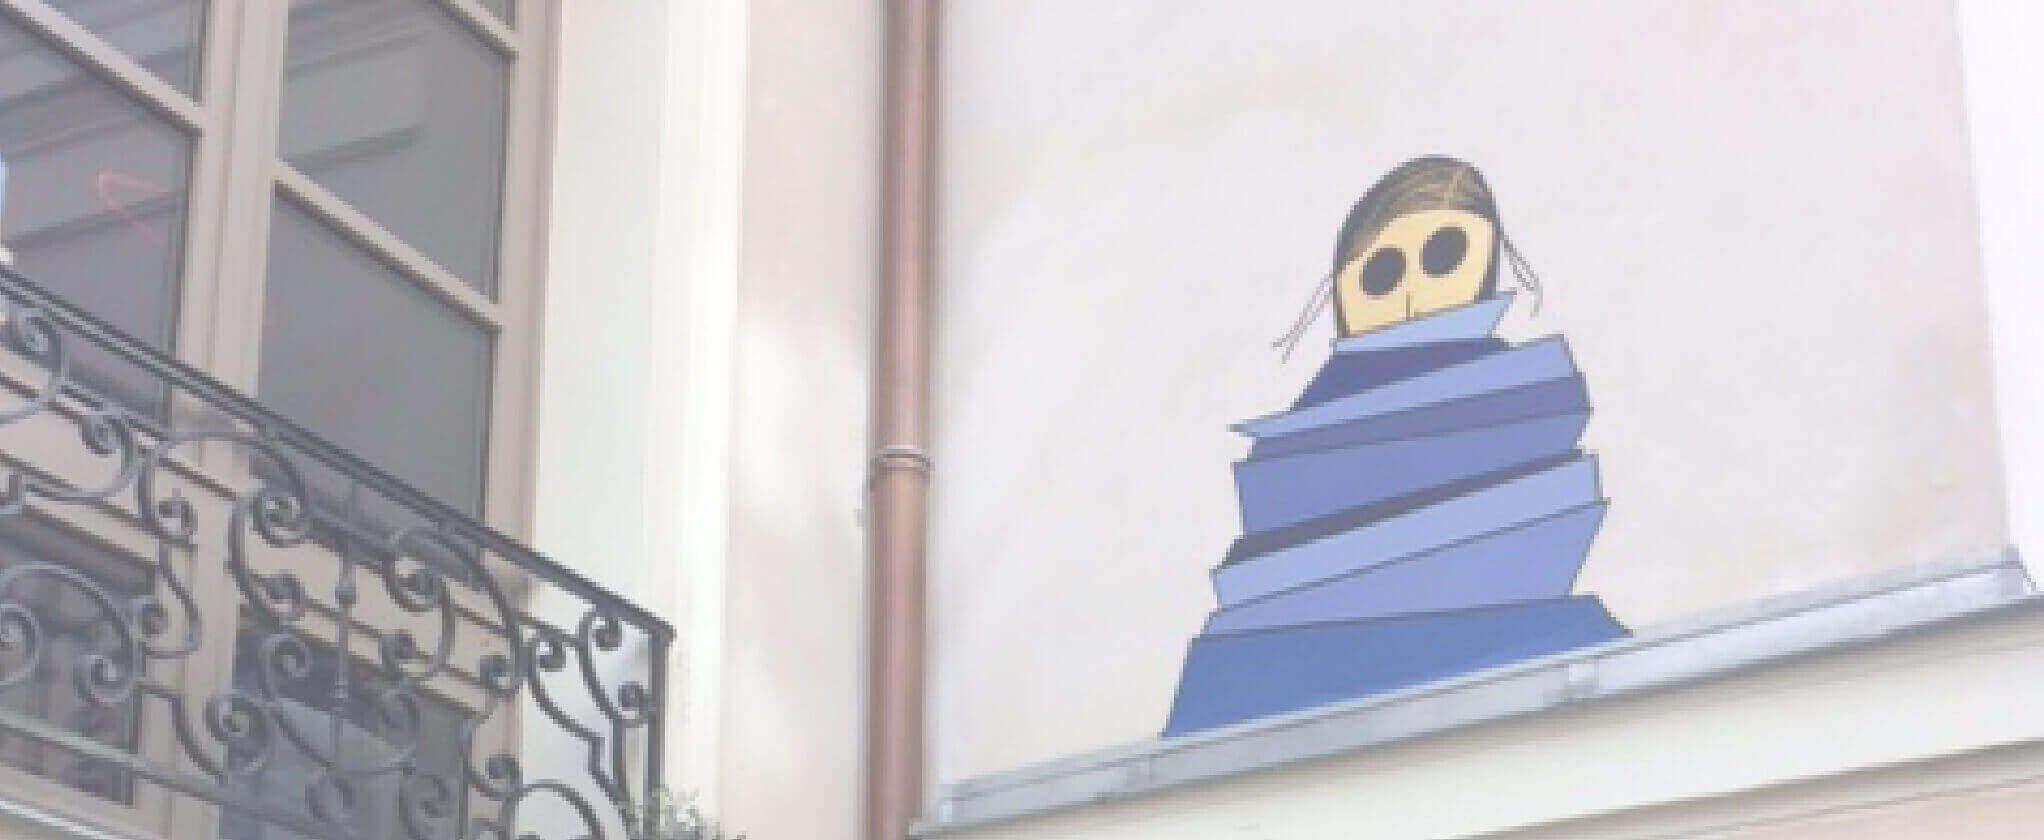 ソルボンヌのアパートの壁に描かれた絵